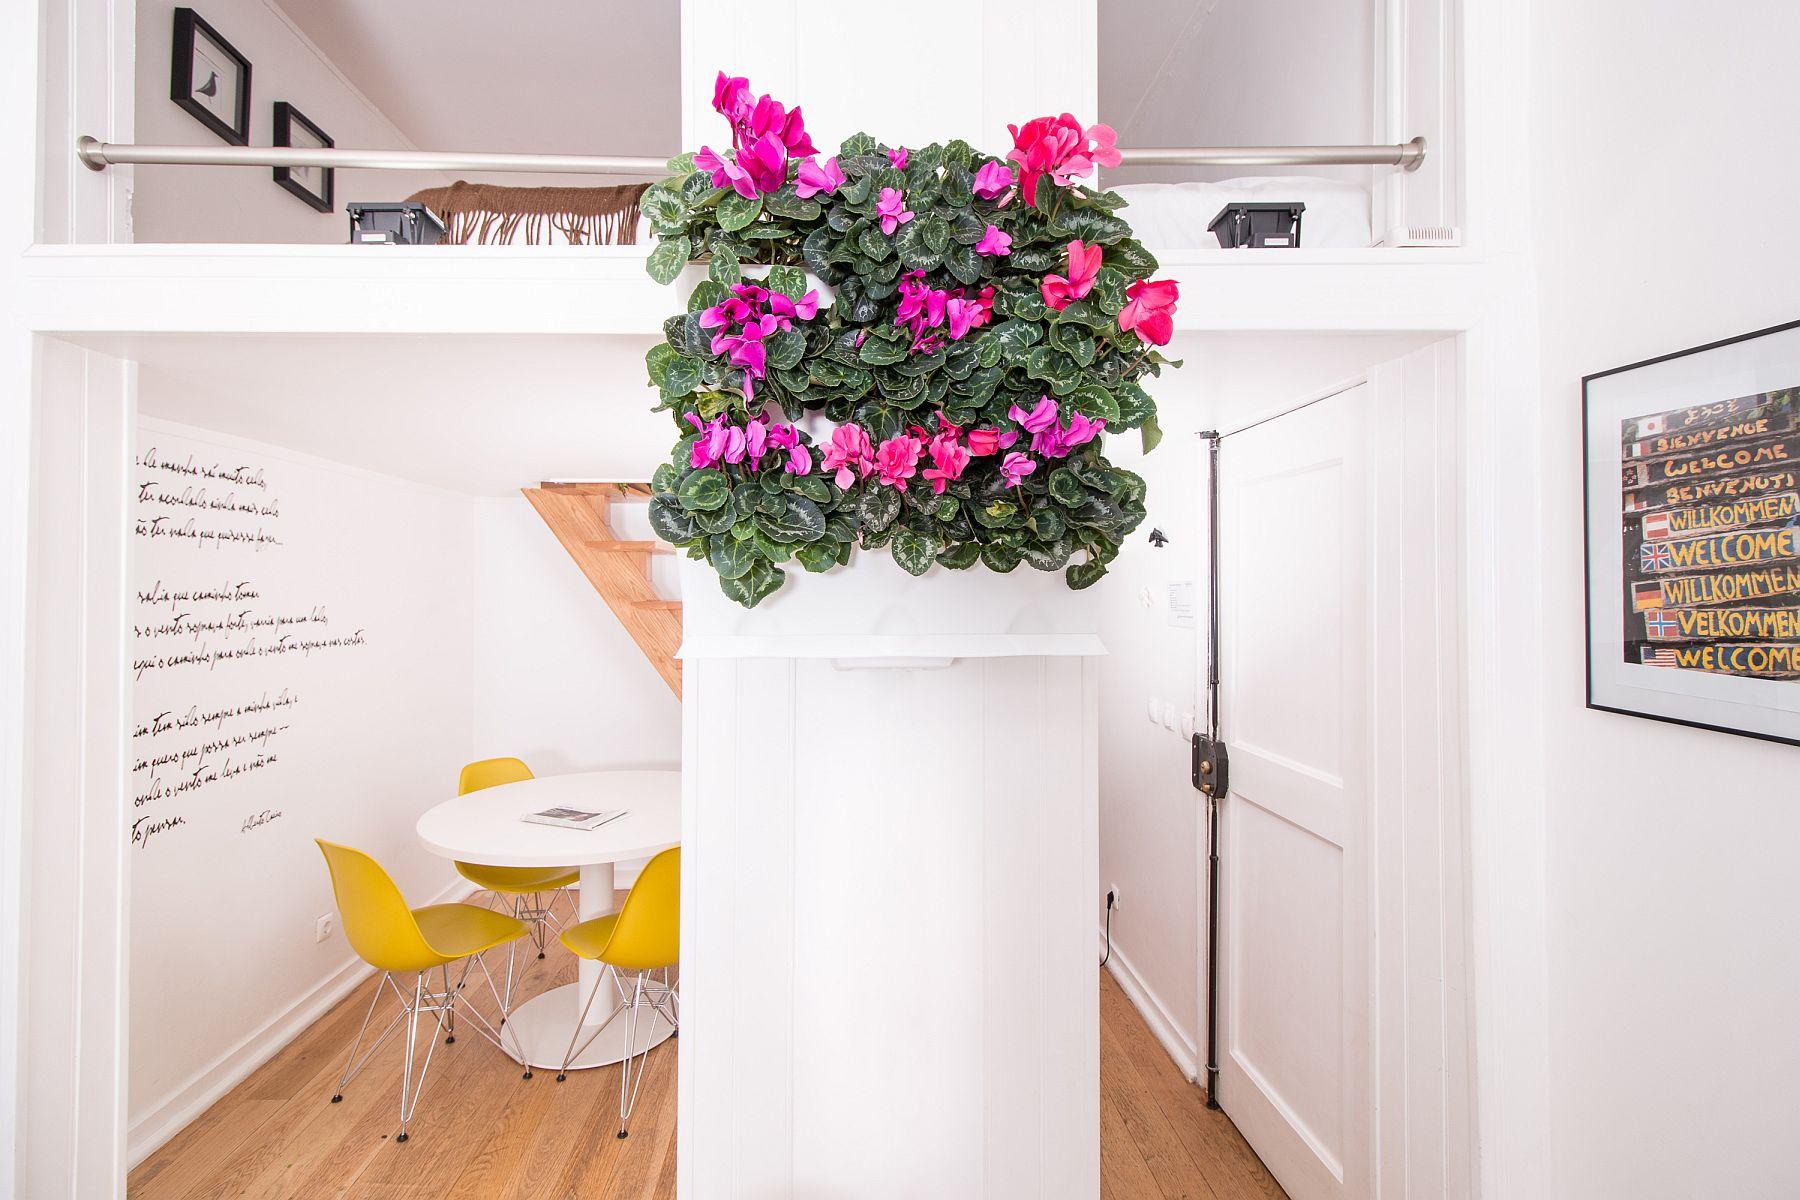 Minigarden vertical garden DIY kit